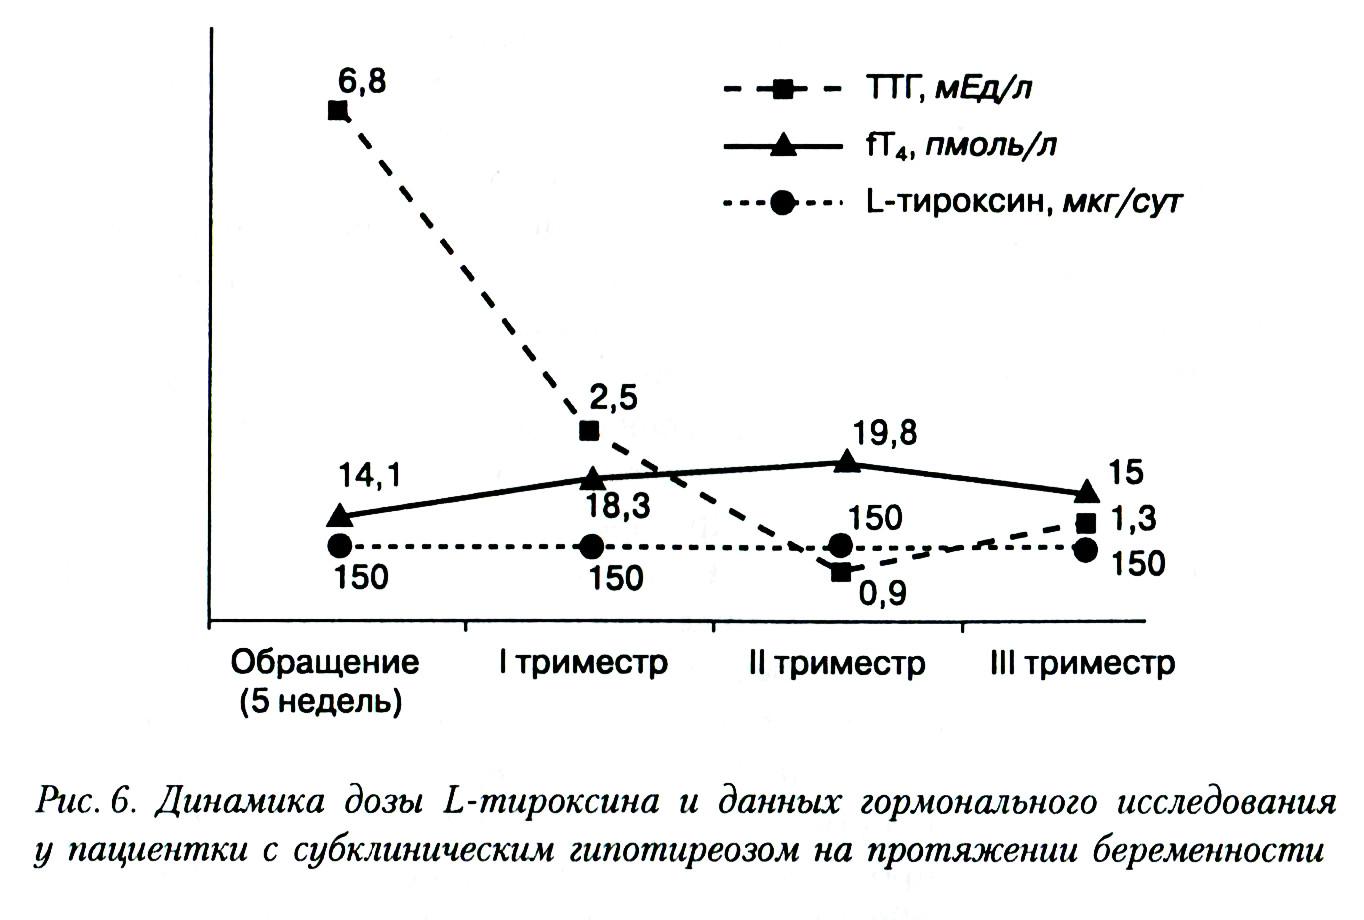 Тироксин при беременности и его коррекция